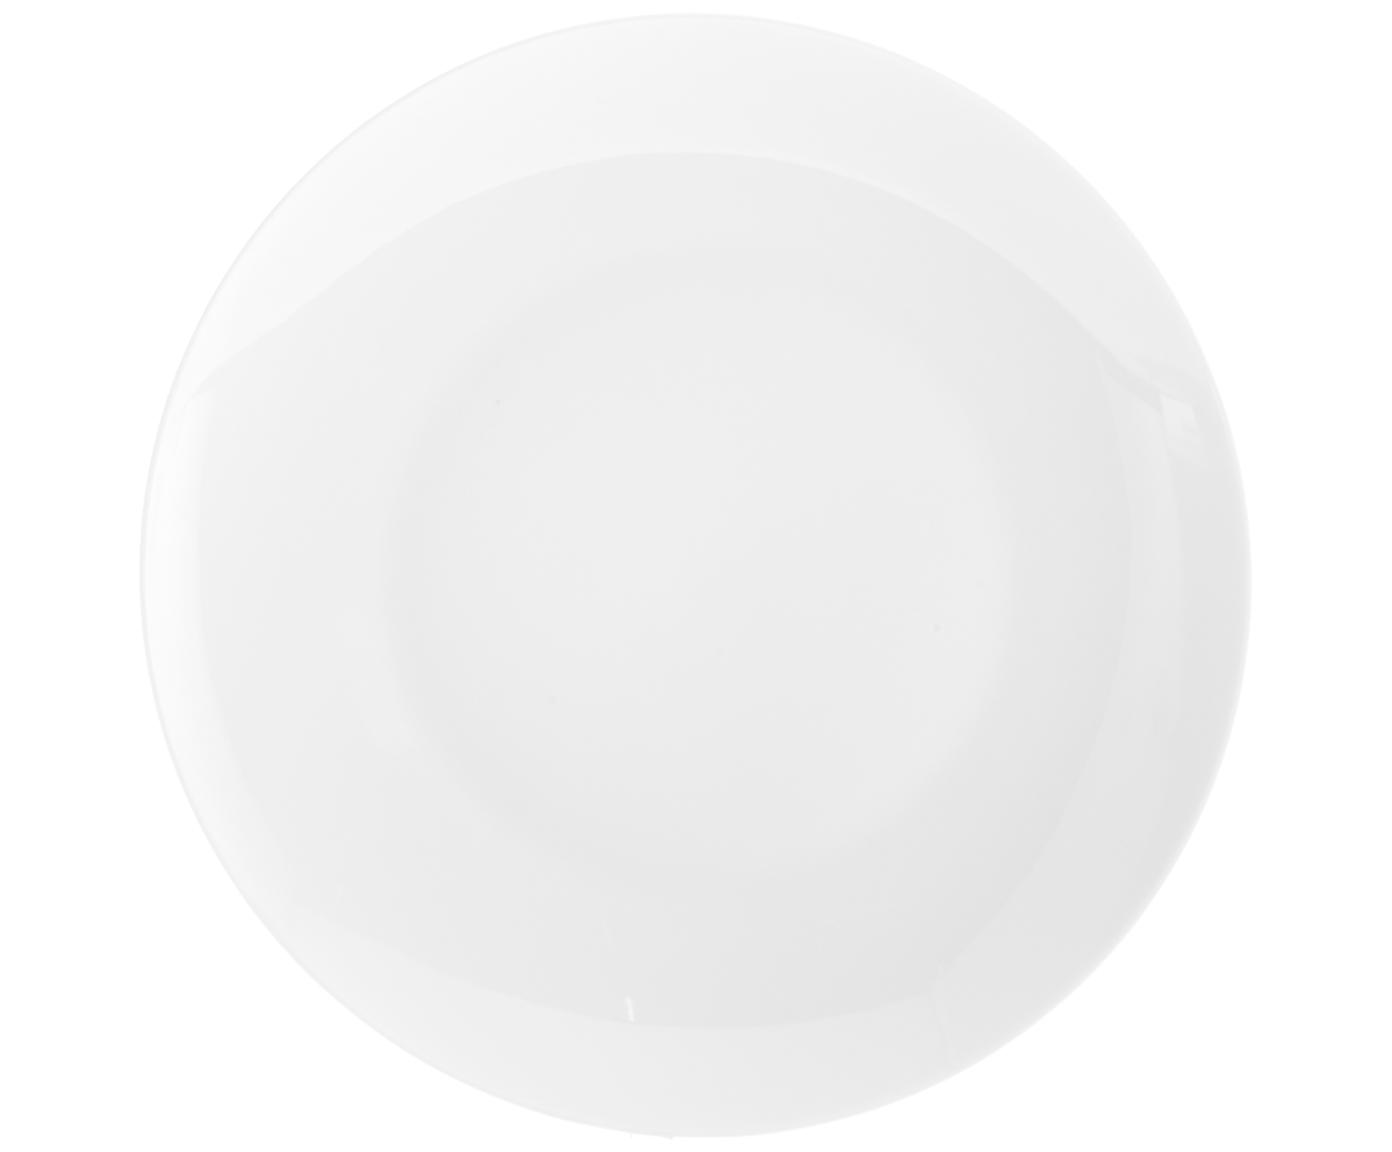 Porzellan-Speiseteller Delight Modern in Weiss, 2 Stück, Porzellan, Weiss, Ø 27 cm